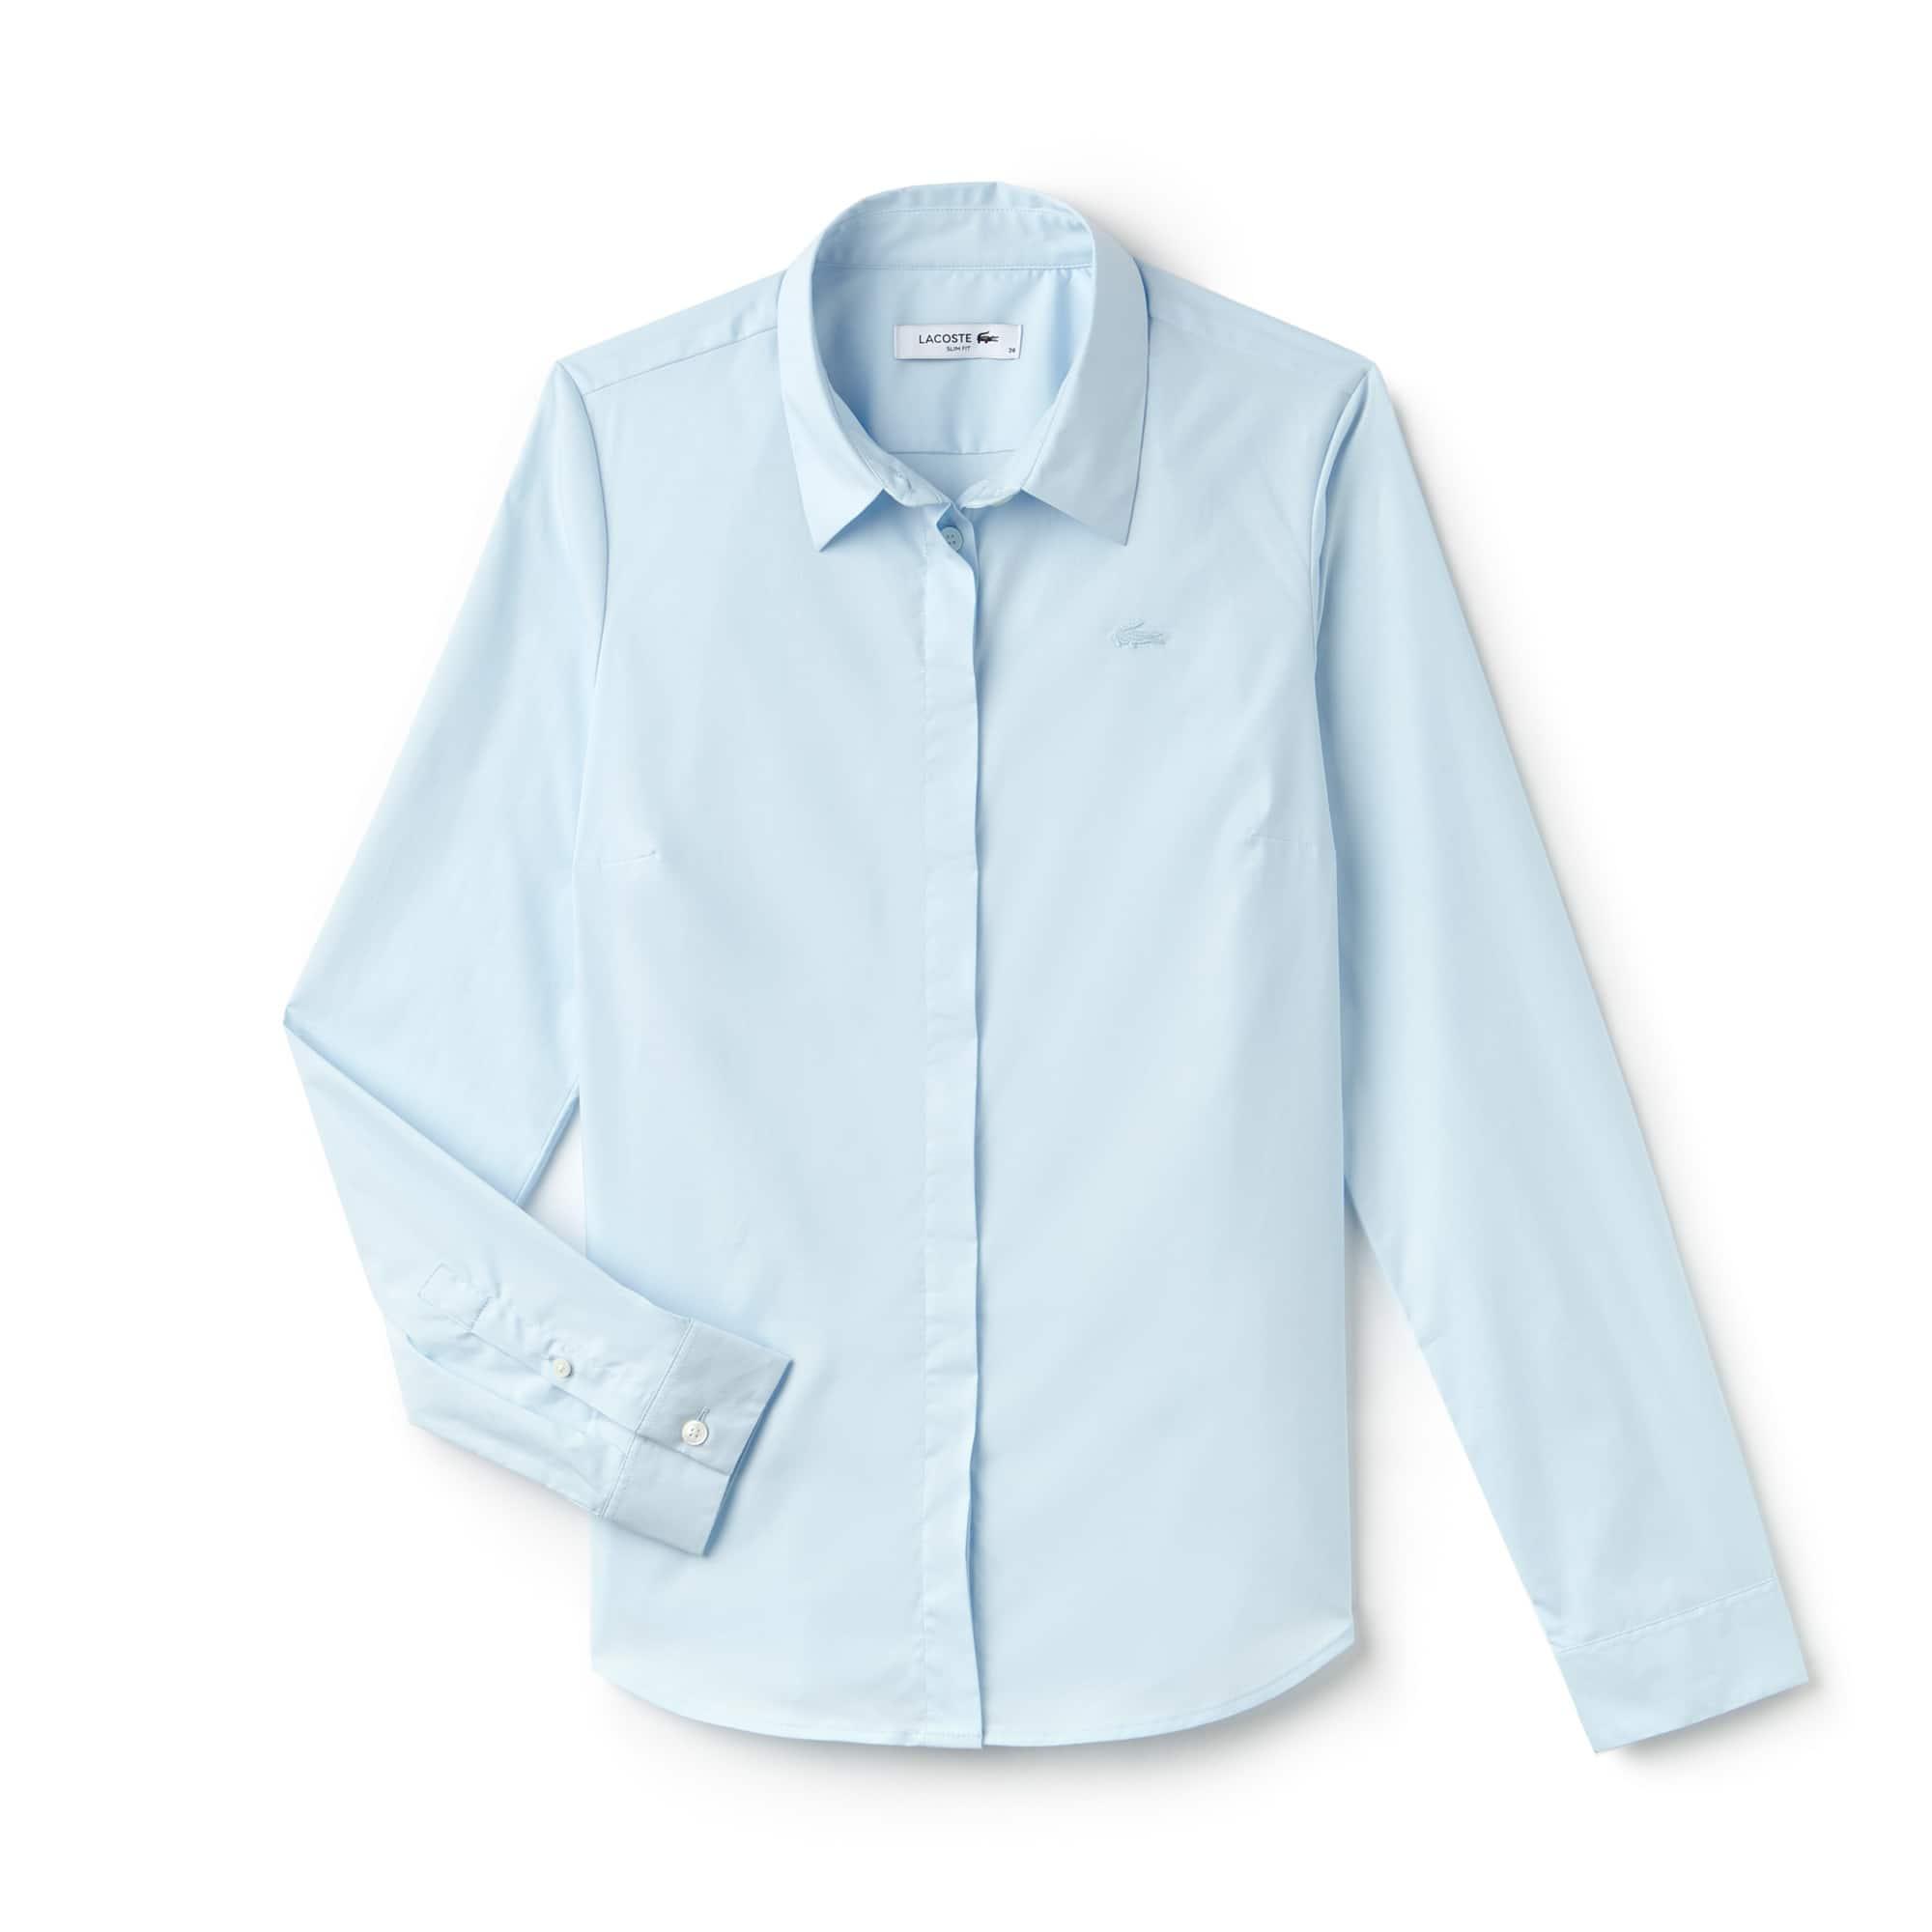 قميص بوبلين قطني نسائي ضيق